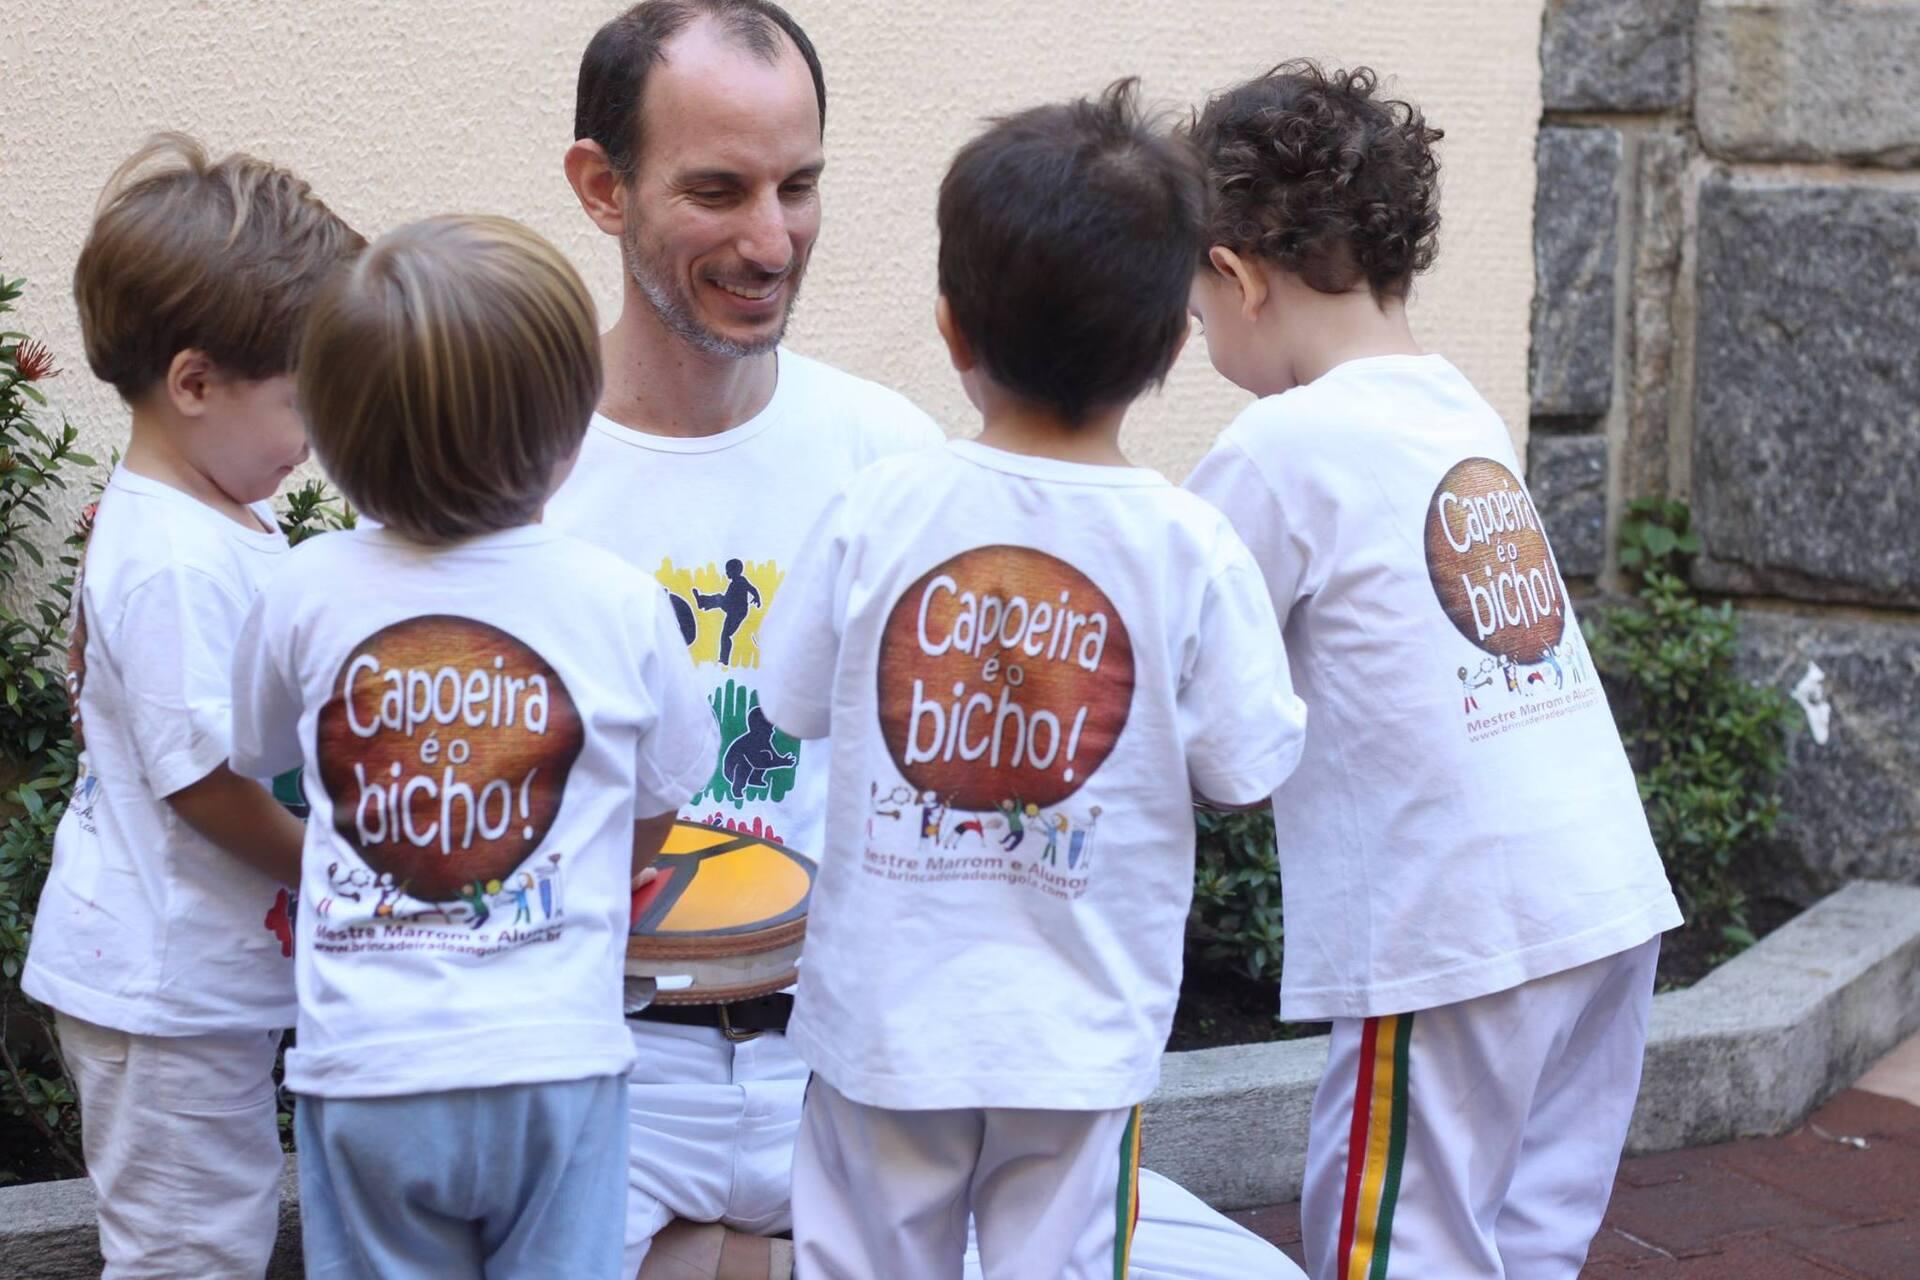 eb6a8865bc519 Capoeira na escola é uma janela para a desconstrução do racismo